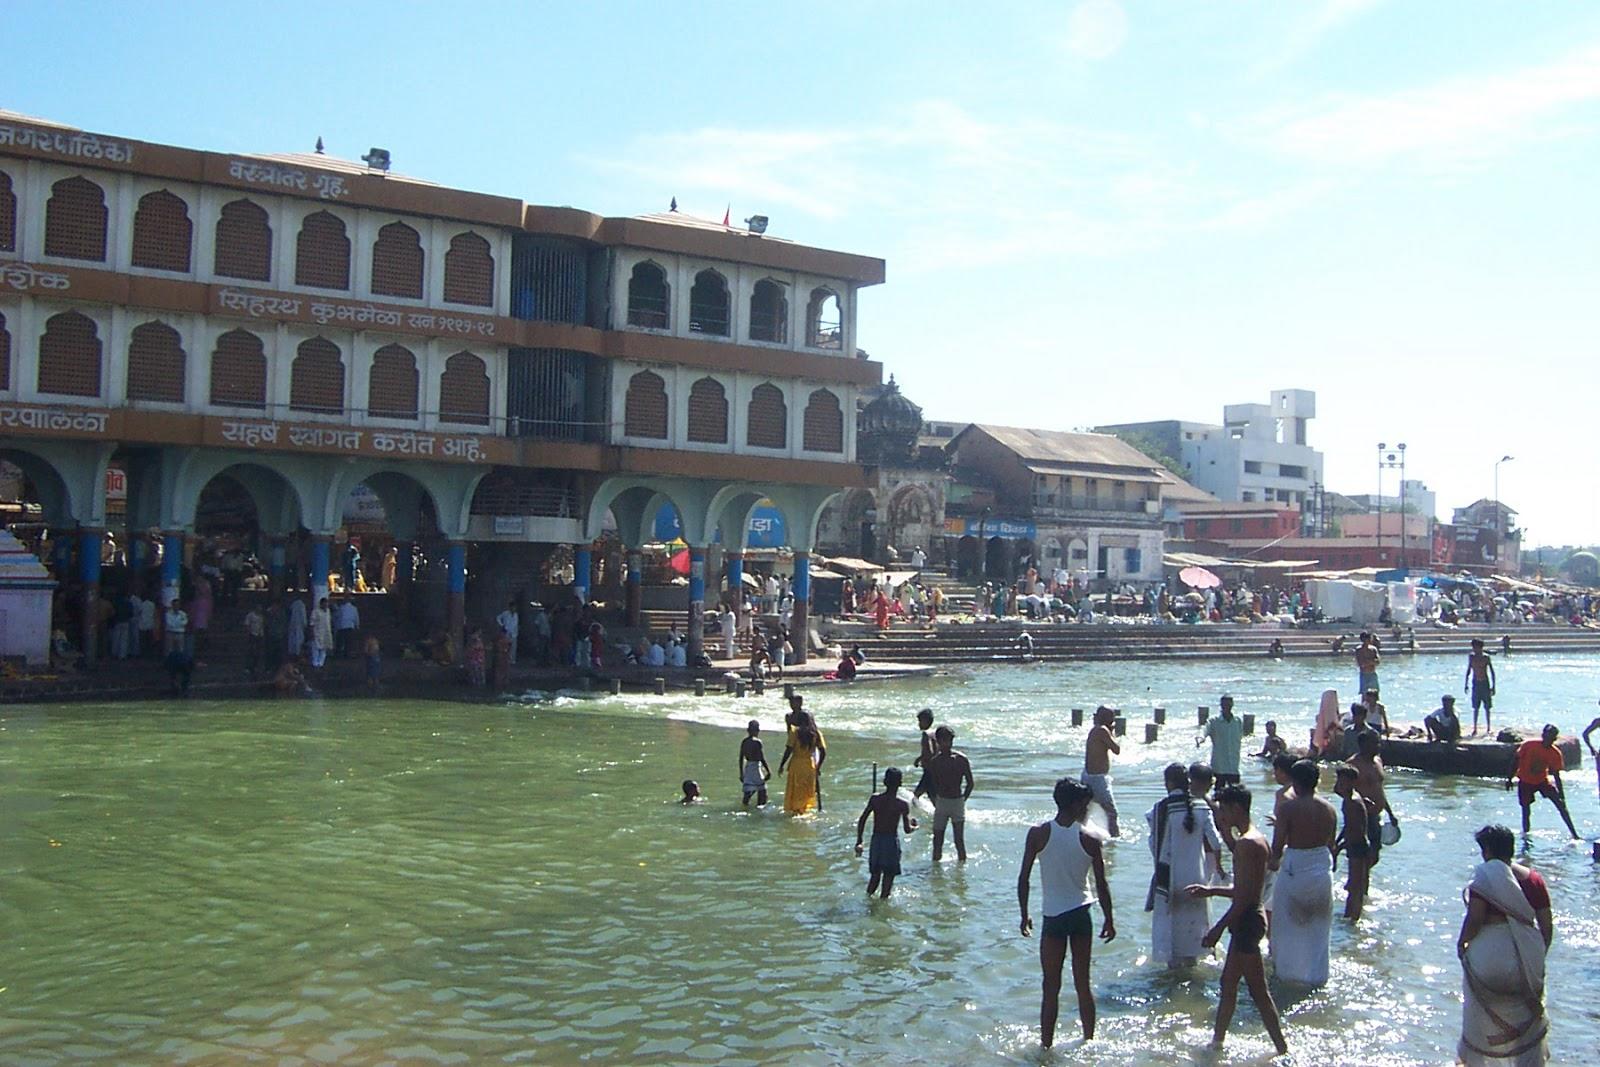 Nashik India  city images : Nashik | India Tourism